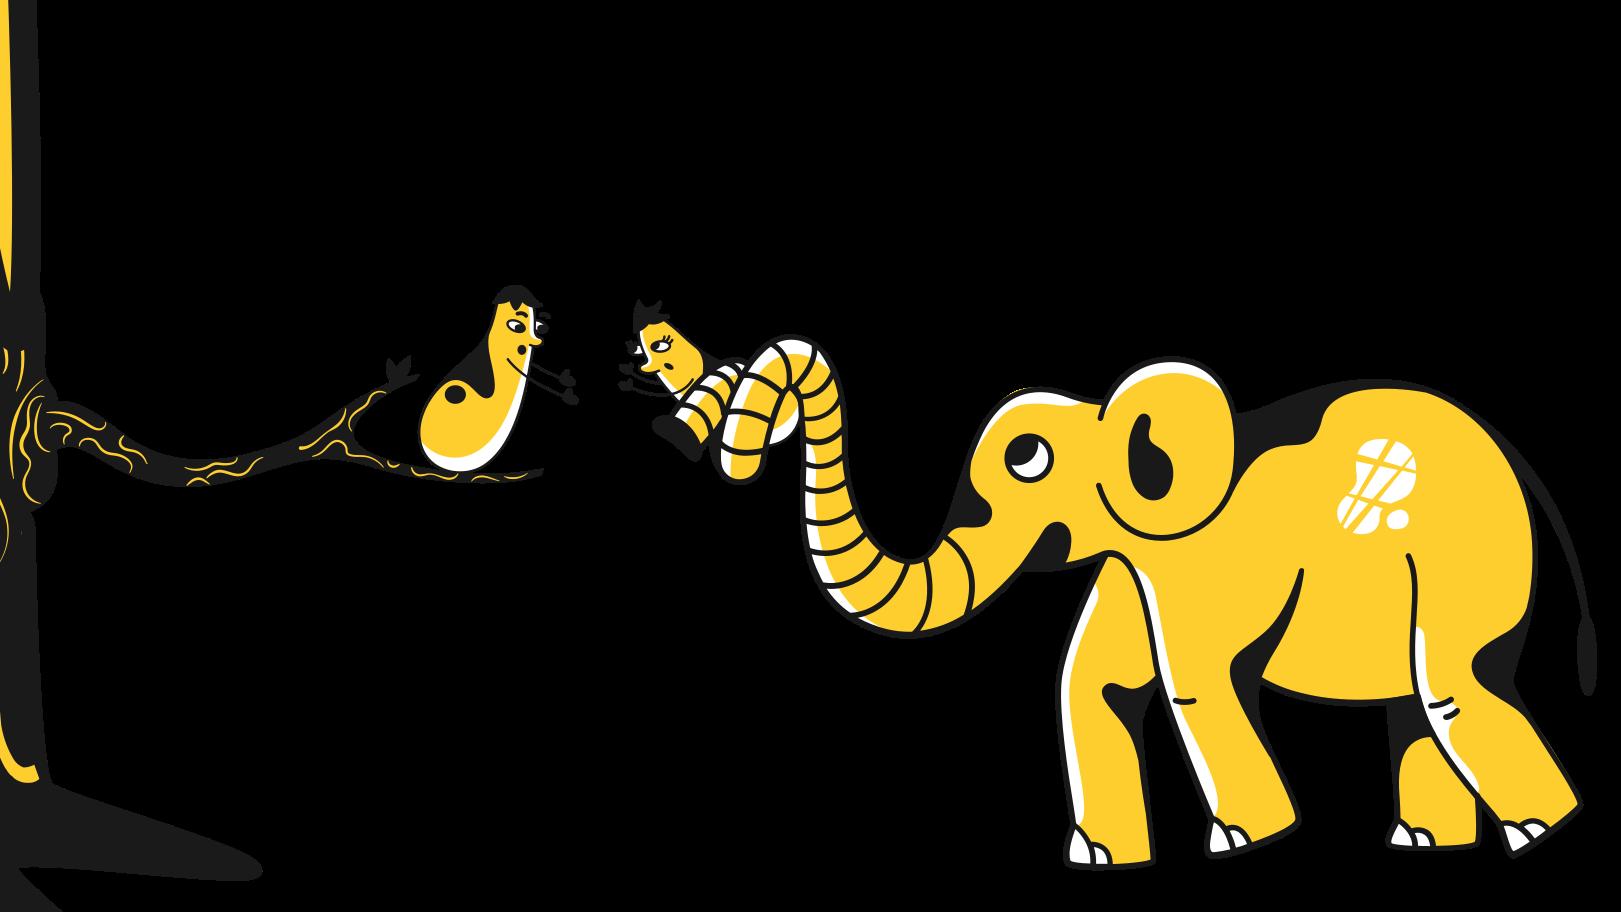 Illustration clipart Aide à réunir aux formats PNG, SVG